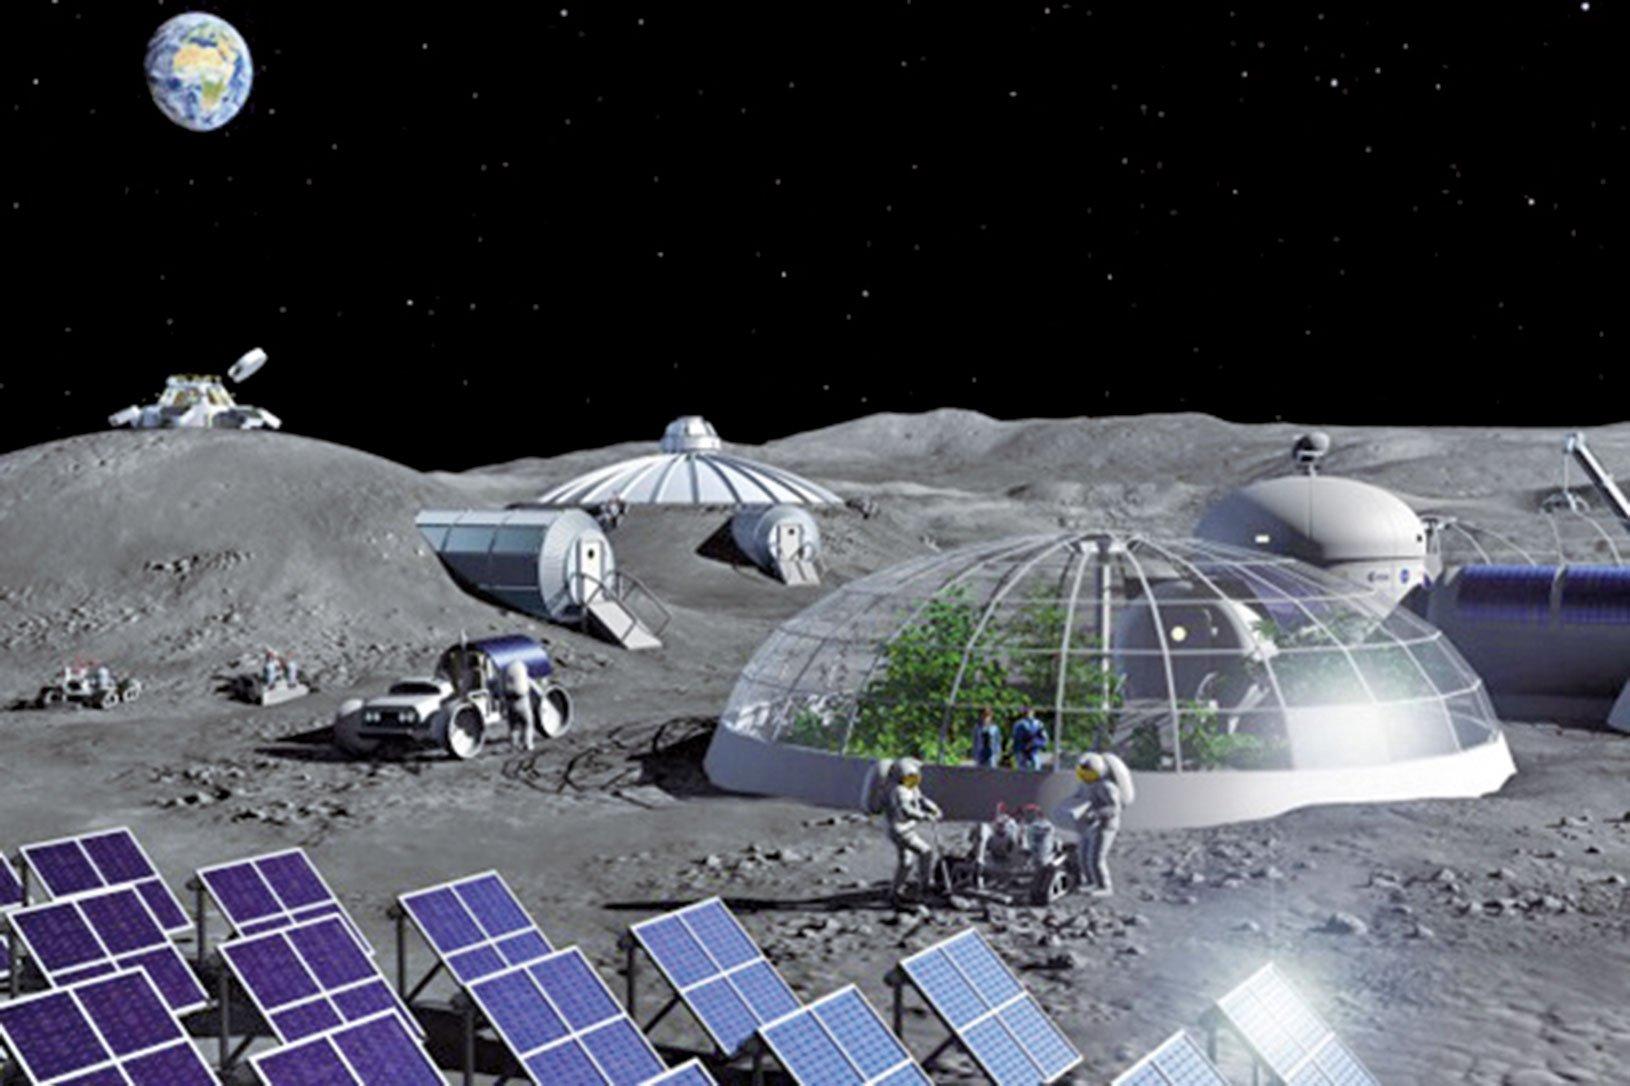 月球基地示意圖。(ESA)